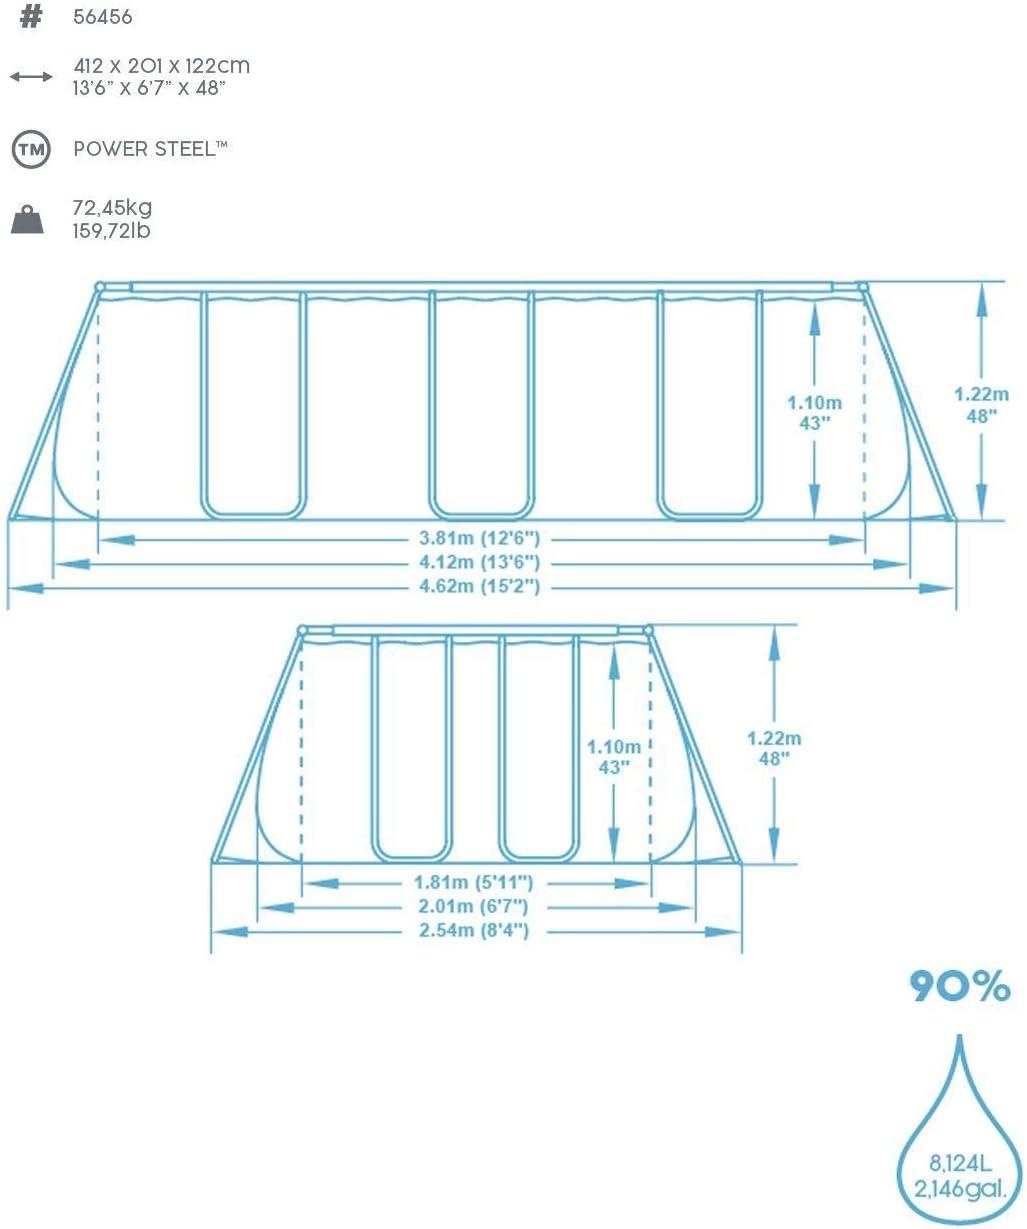 mit Filterpumpe Sicherheitsleiter /& Abdeckplane 671 x 366 x 132 cm eckig Bestway Power Steel  Framepool Komplett-Set